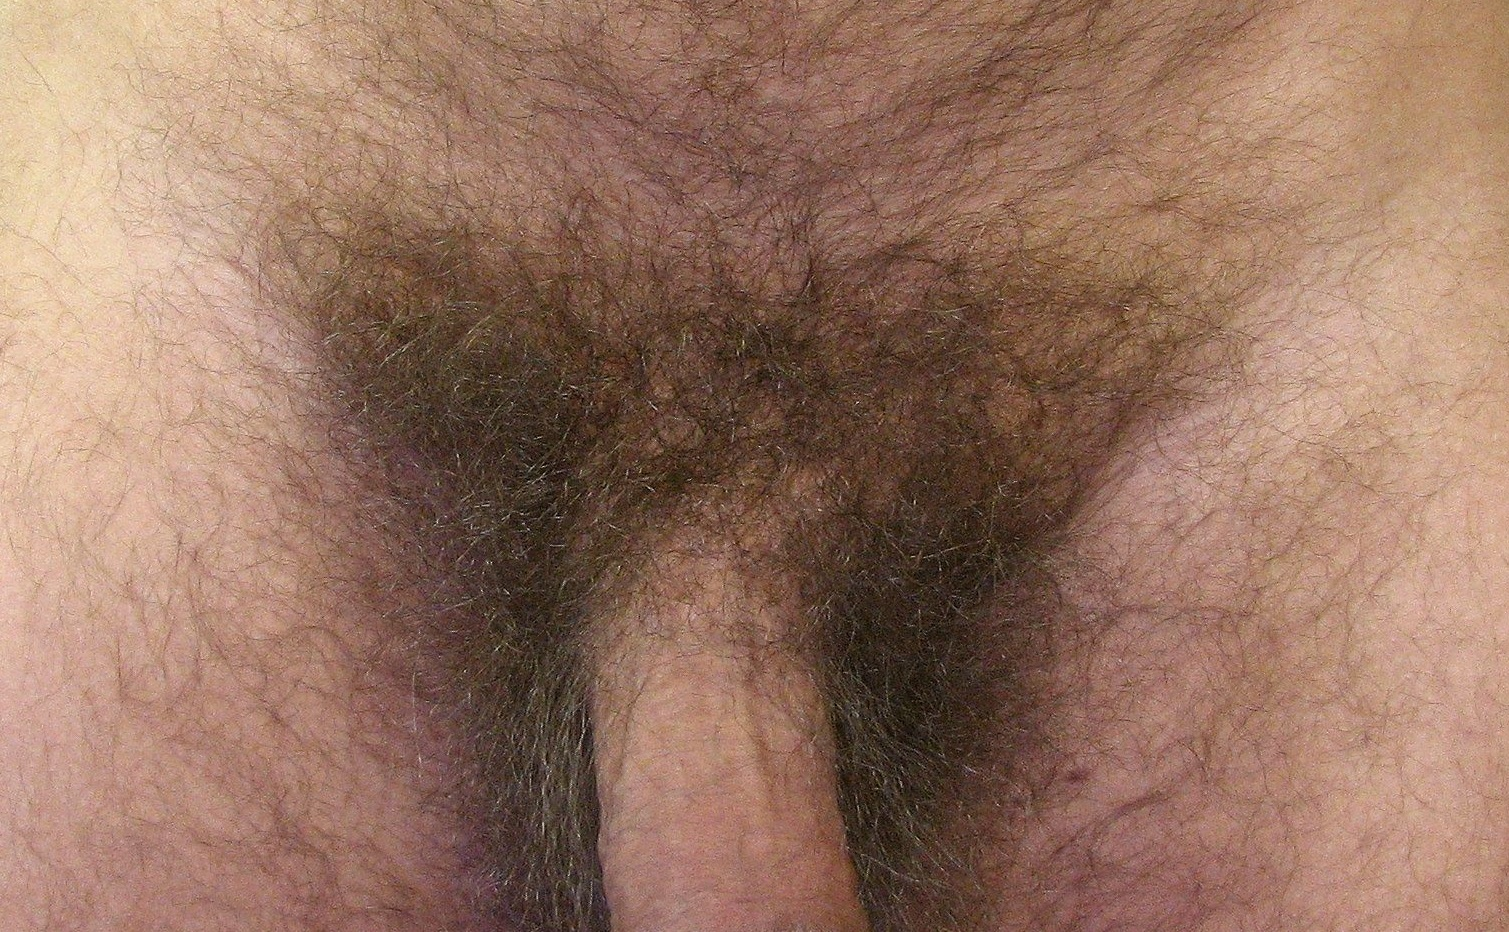 волосы на половых членах фото если